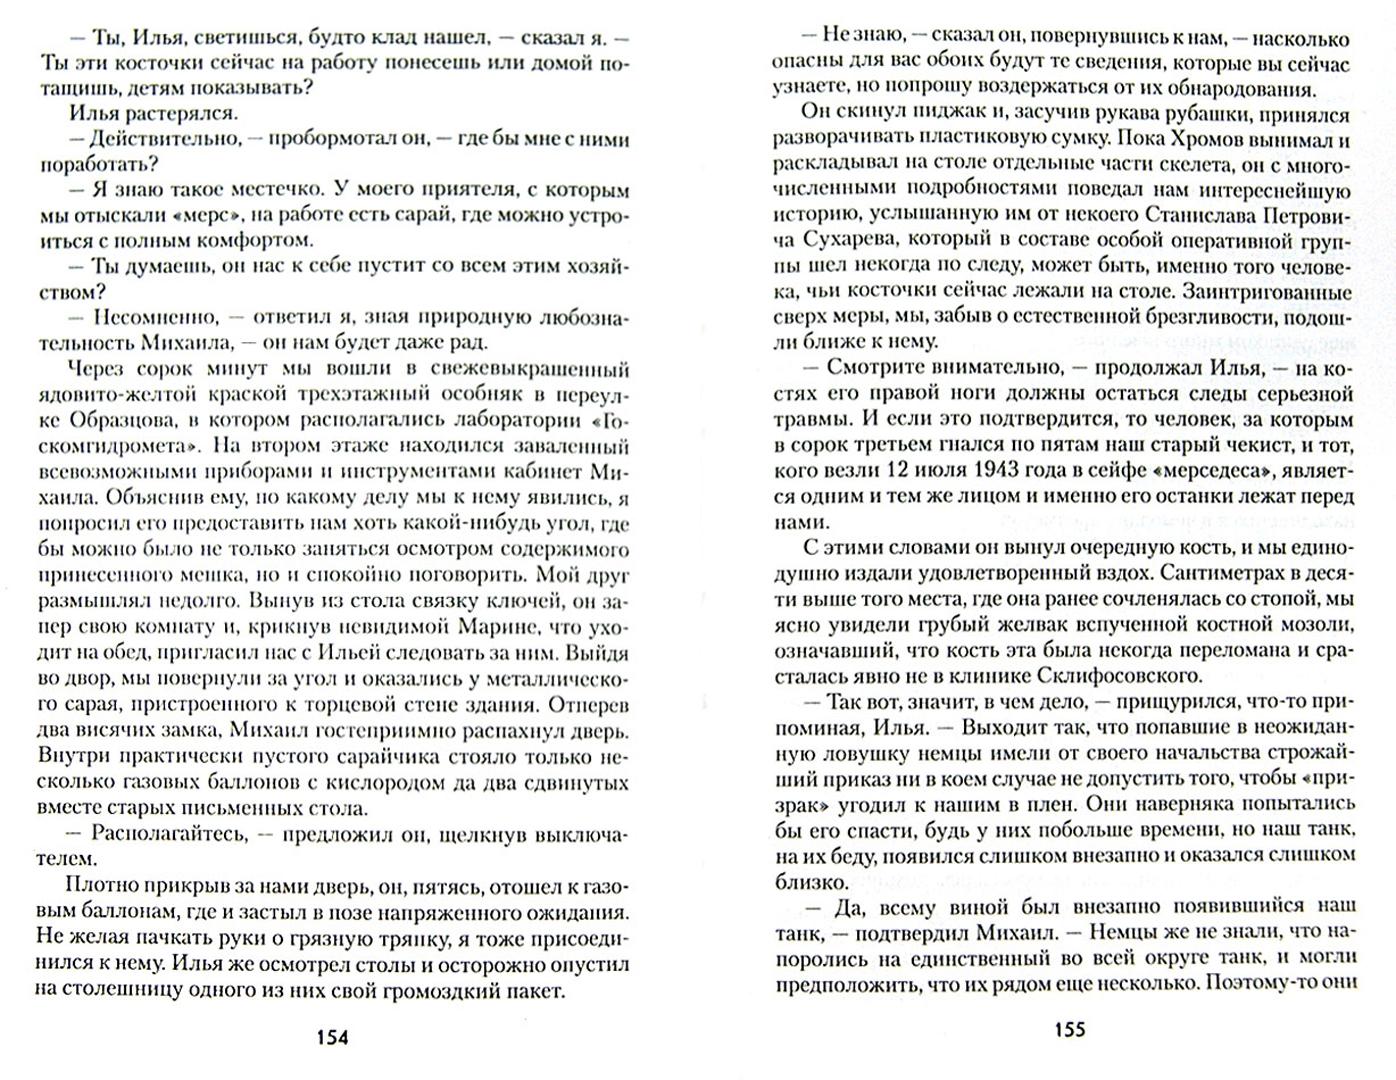 Иллюстрация 1 из 14 для Посланник смерти - Александр Косарев | Лабиринт - книги. Источник: Лабиринт